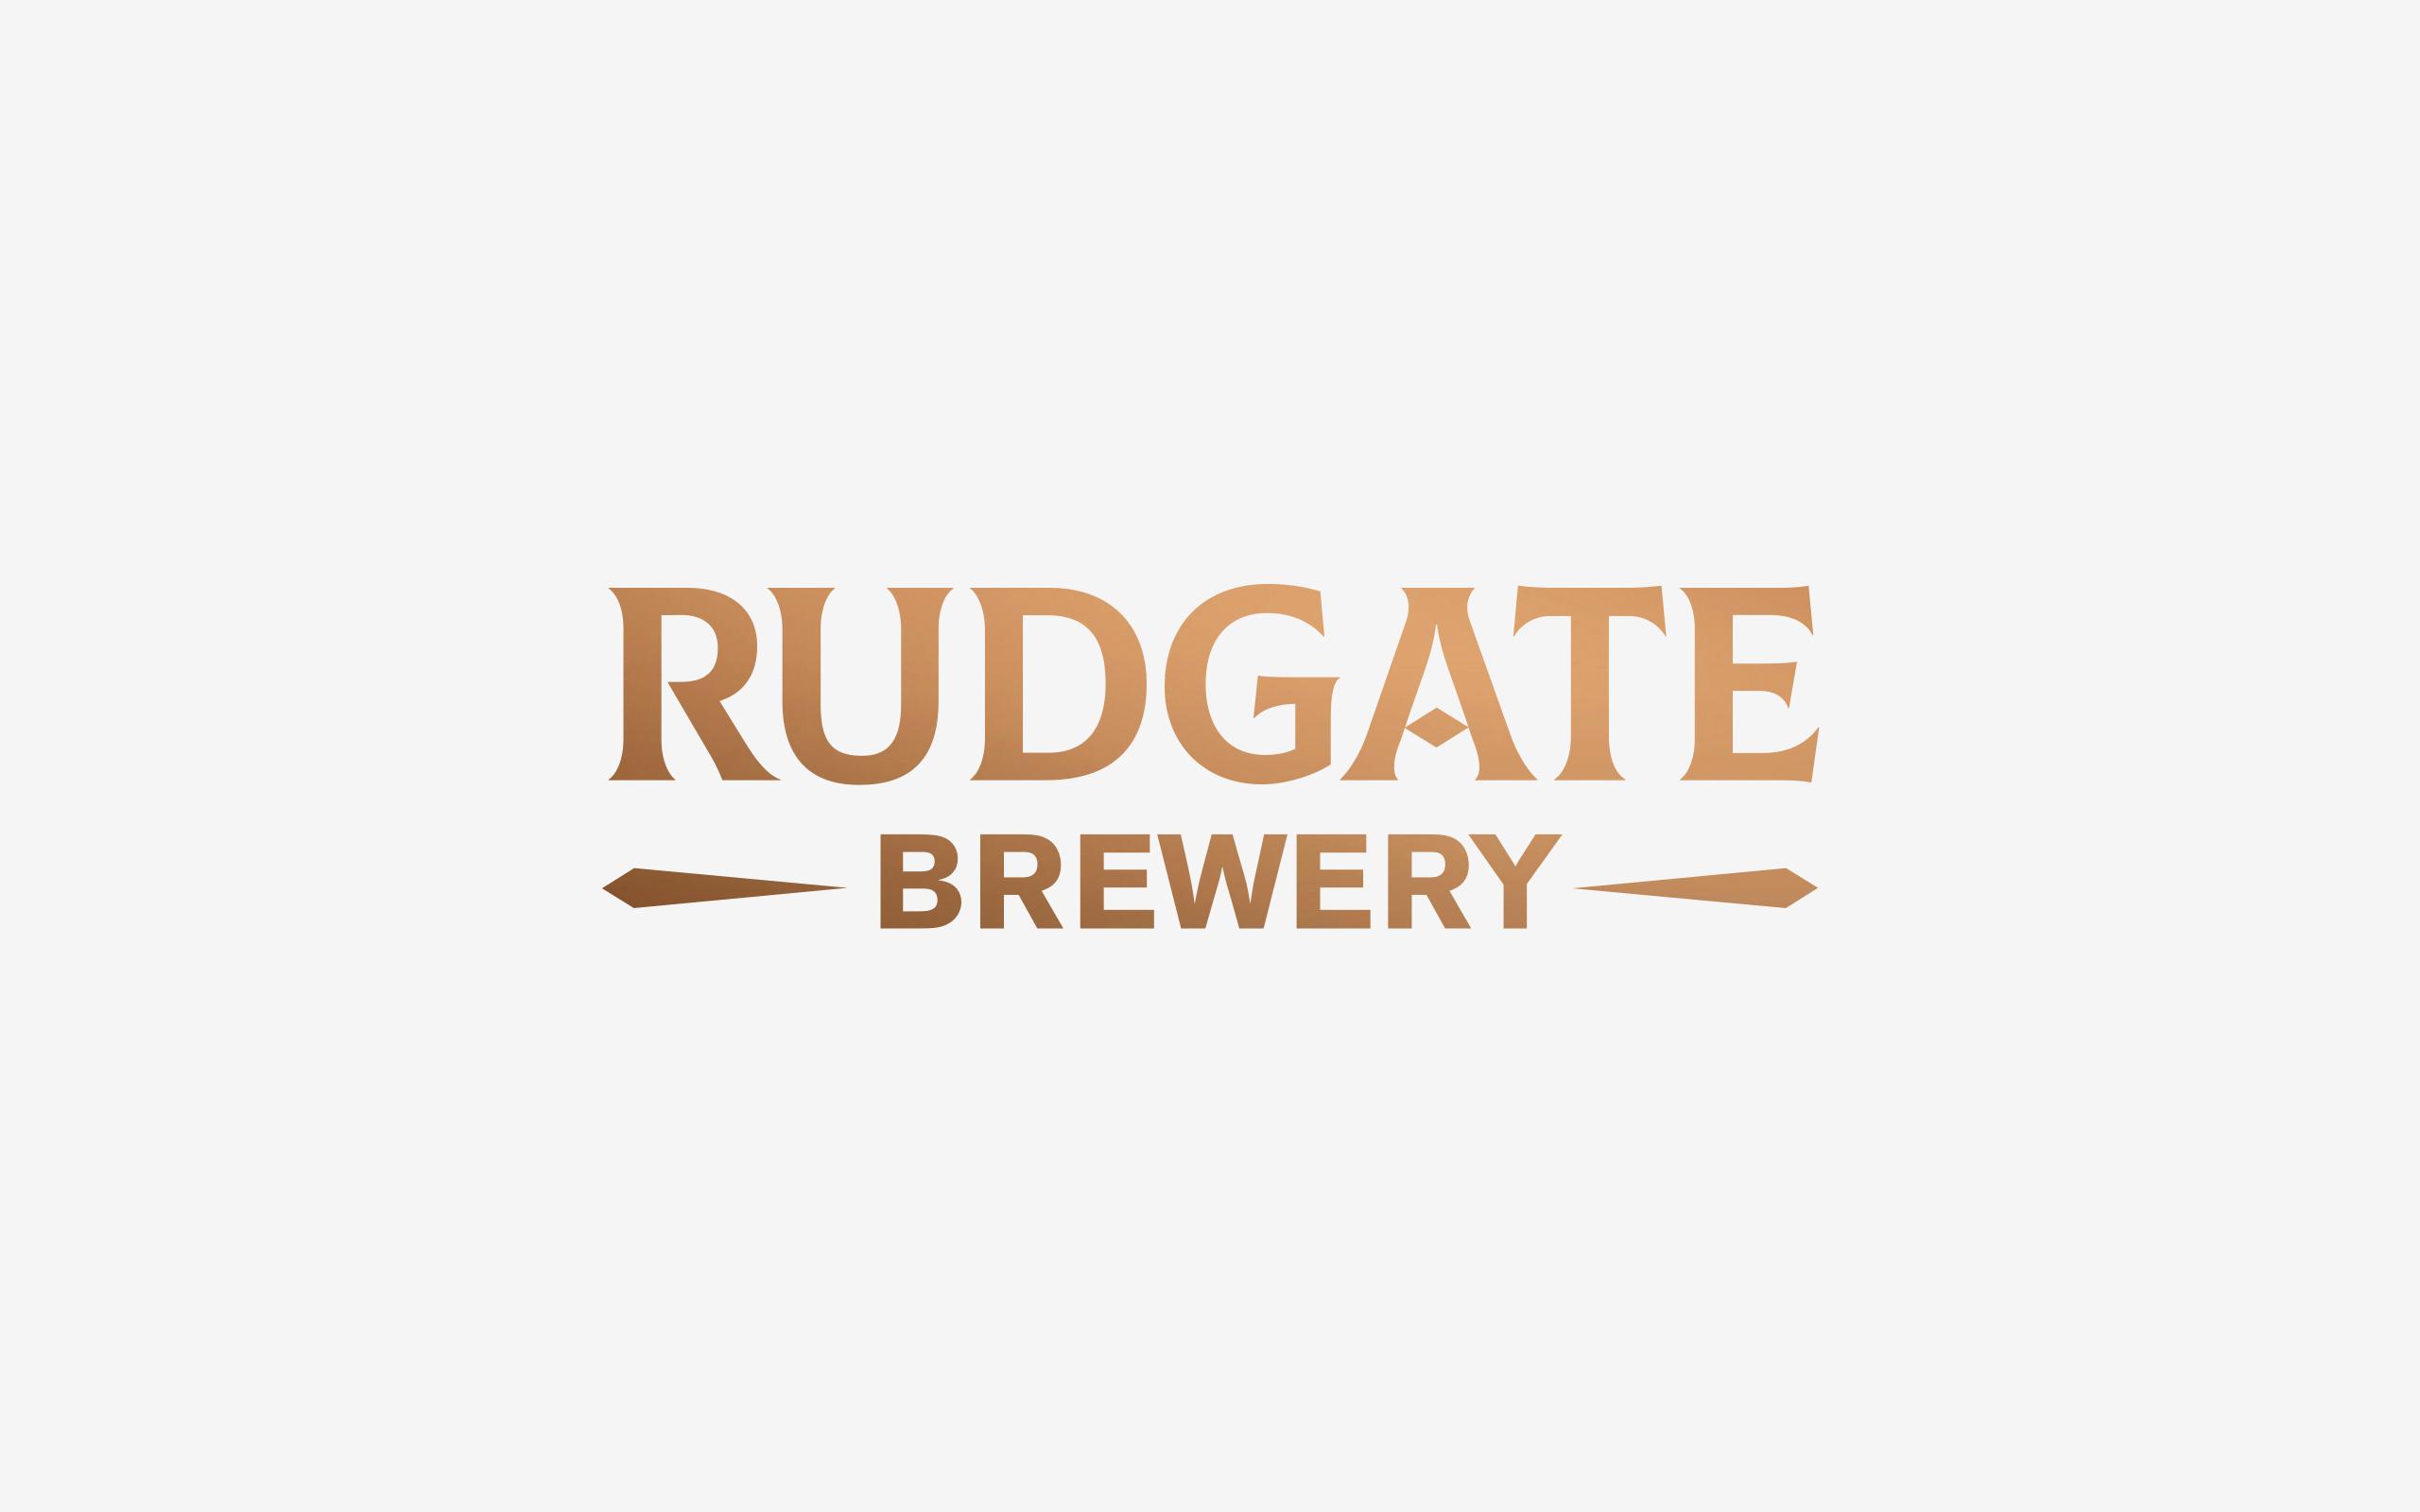 Rudgate logo